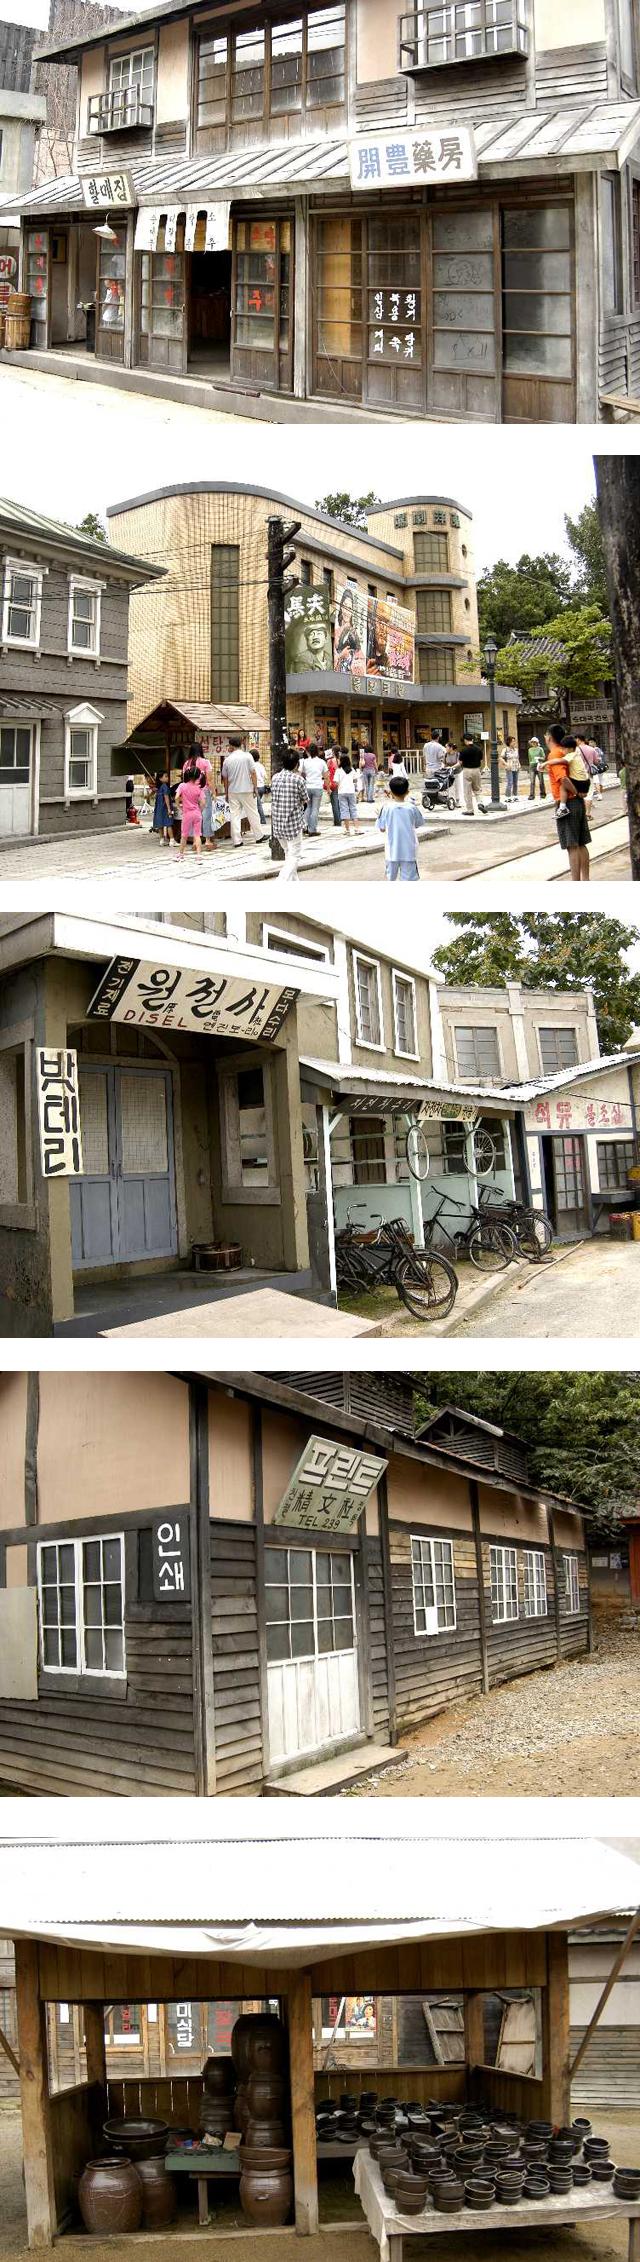 50年前.... 韩国的某一角落风景 - jinwh532 - 欲望之海